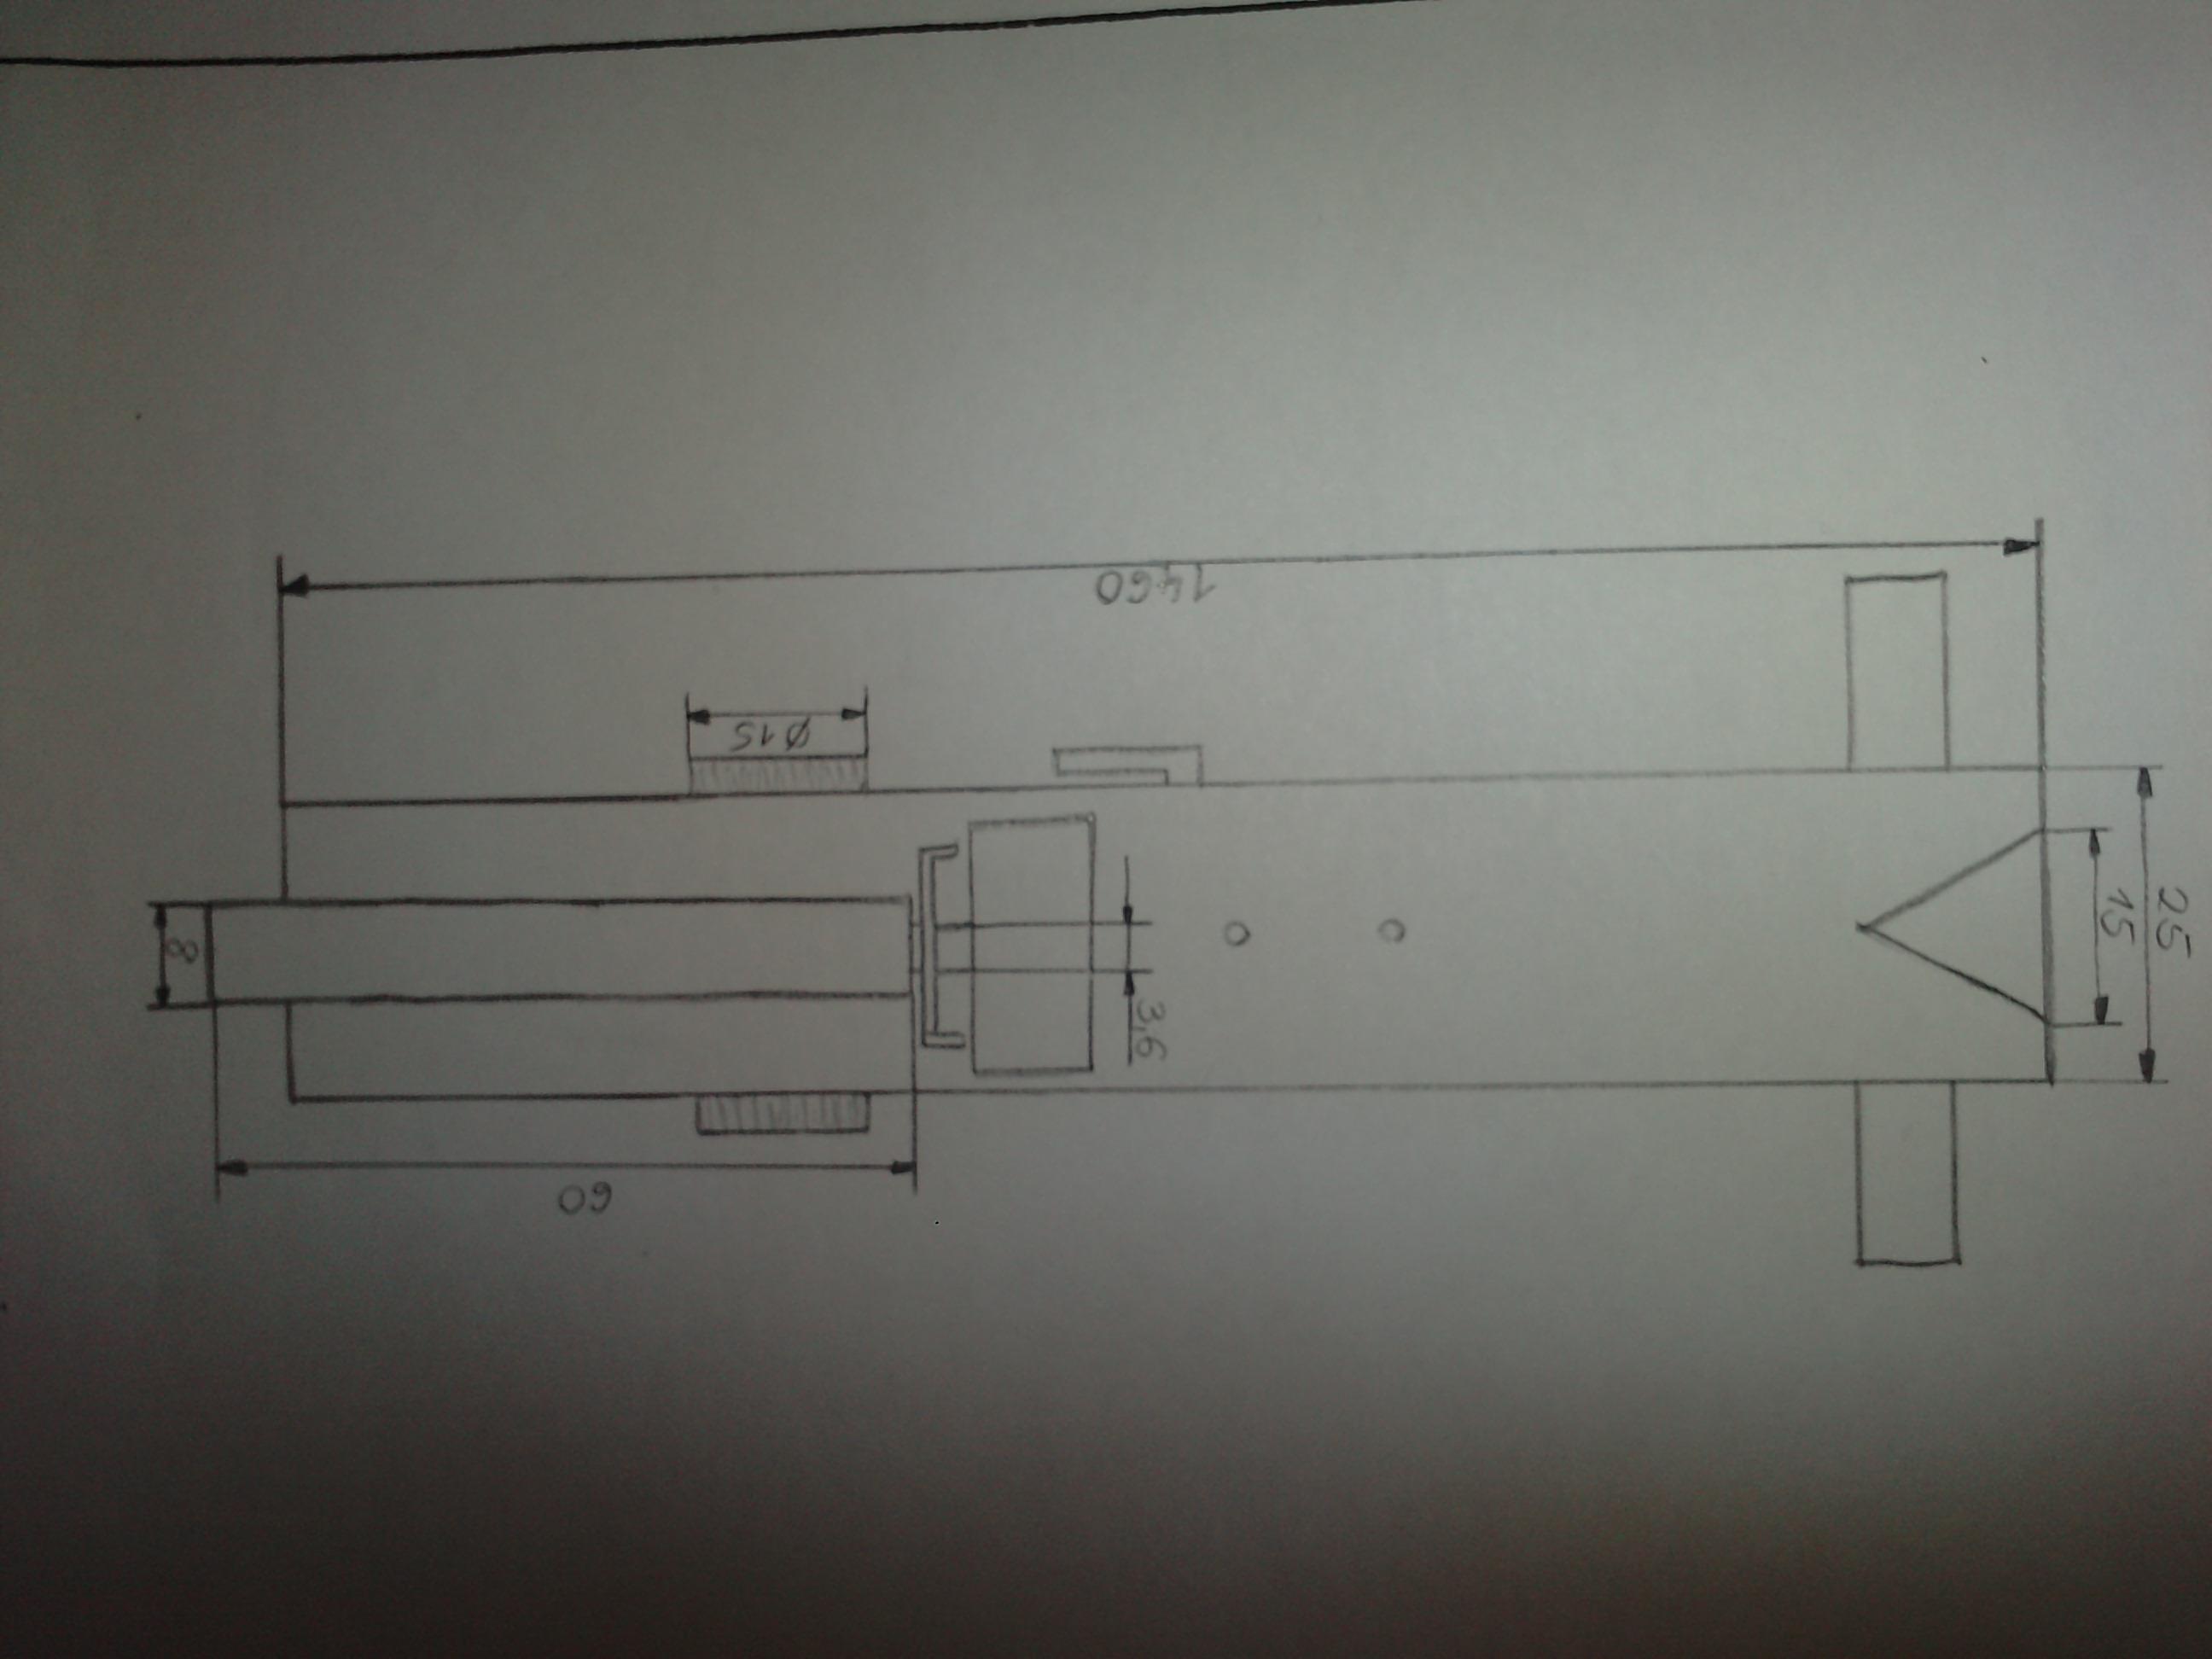 kraftfluss holzspalter wissenstransfer anlagen und maschinenbau konstruktionstechnik. Black Bedroom Furniture Sets. Home Design Ideas